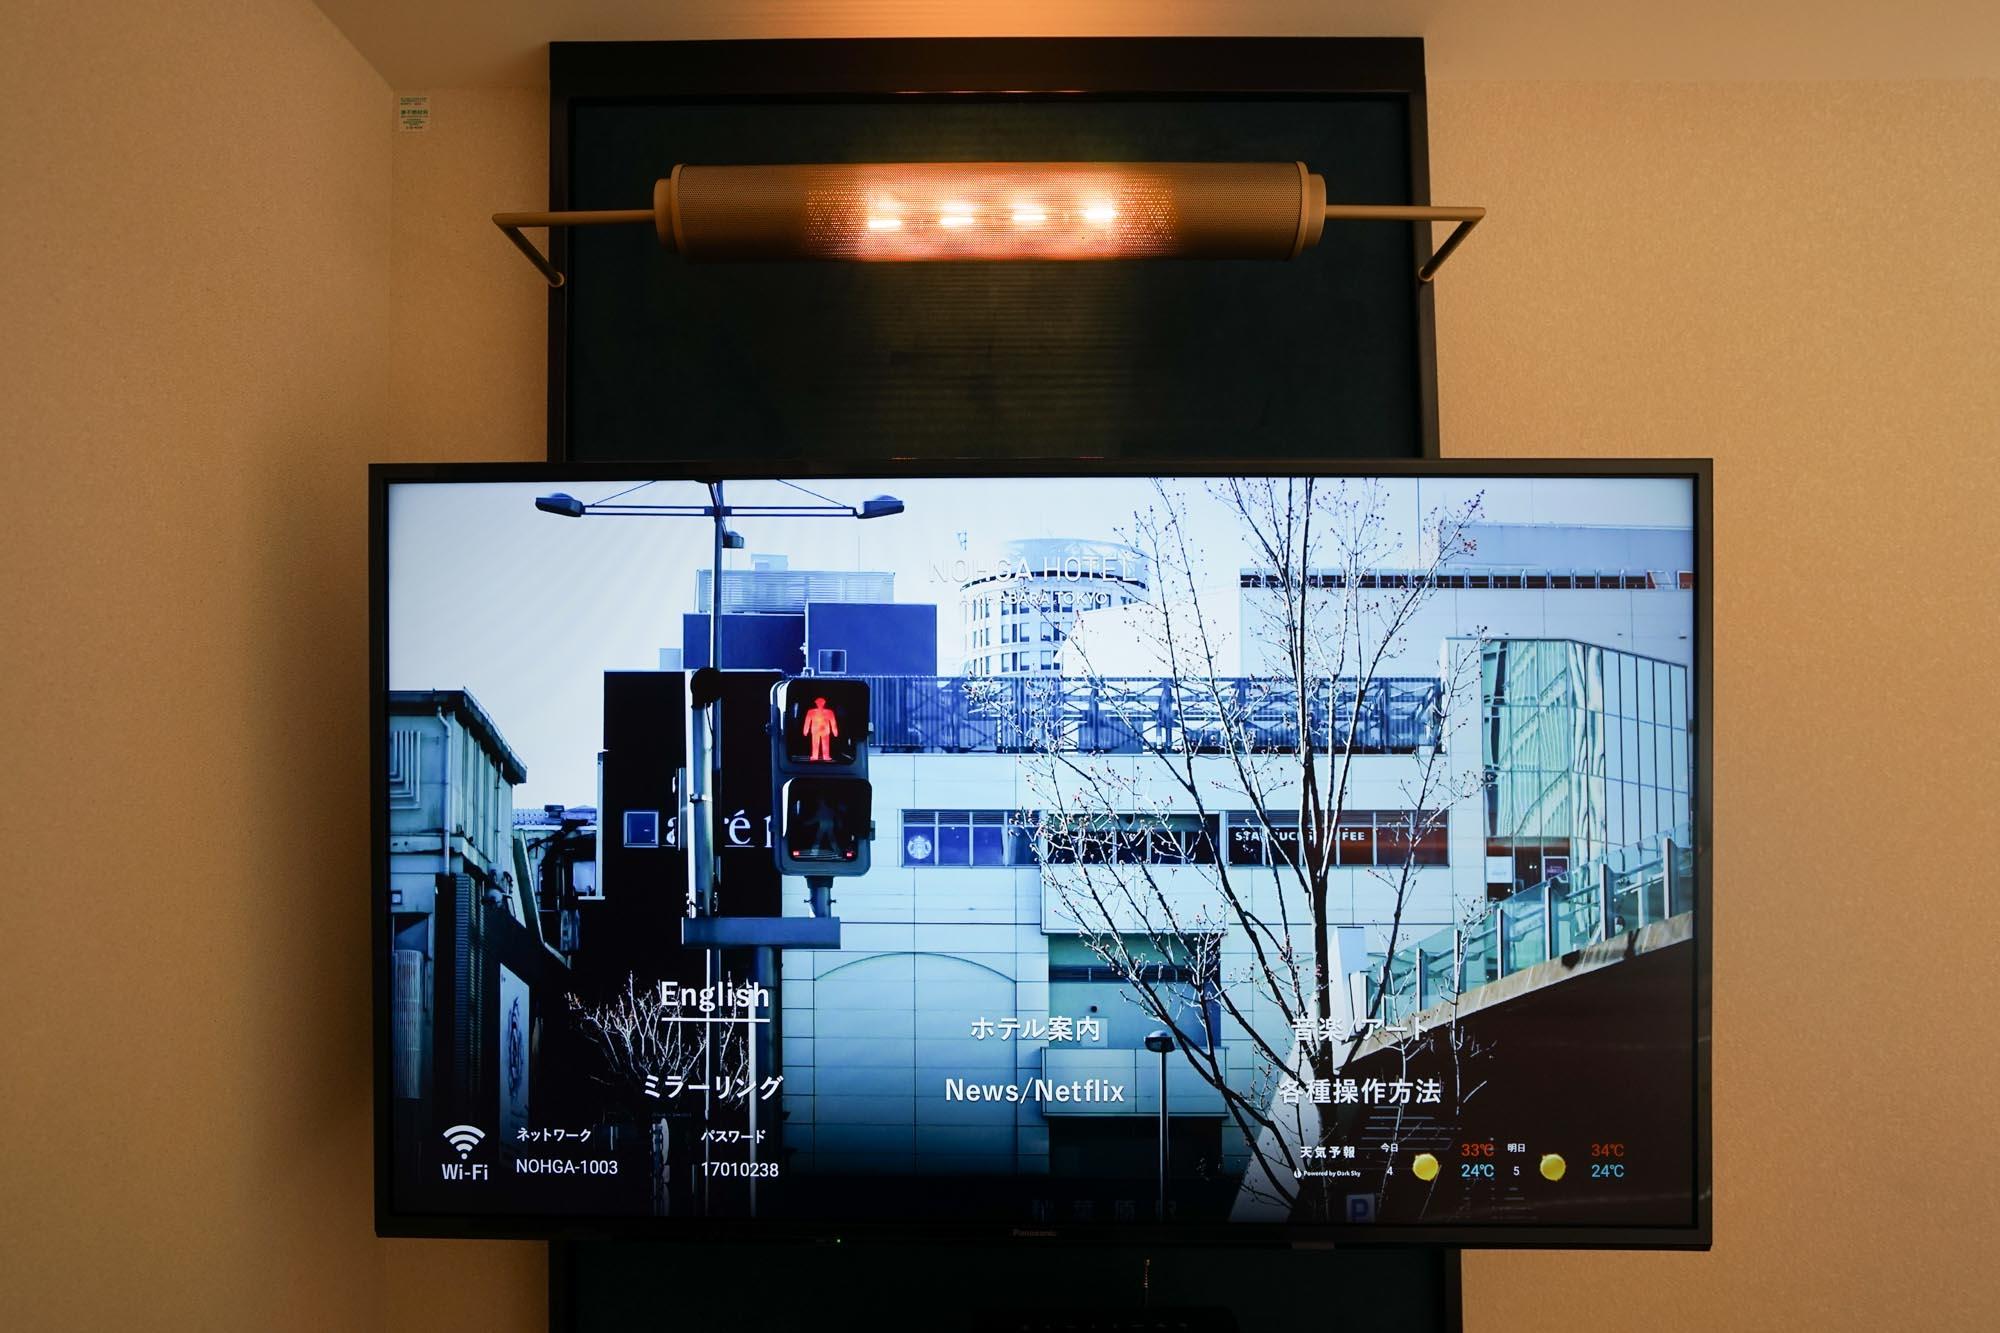 テレビでホテルの説明や、各種サービスにアクセスできるほか、ミラーリングもでき、ホテルオリジナルの楽曲や映像の配信も予定しているとのこと。